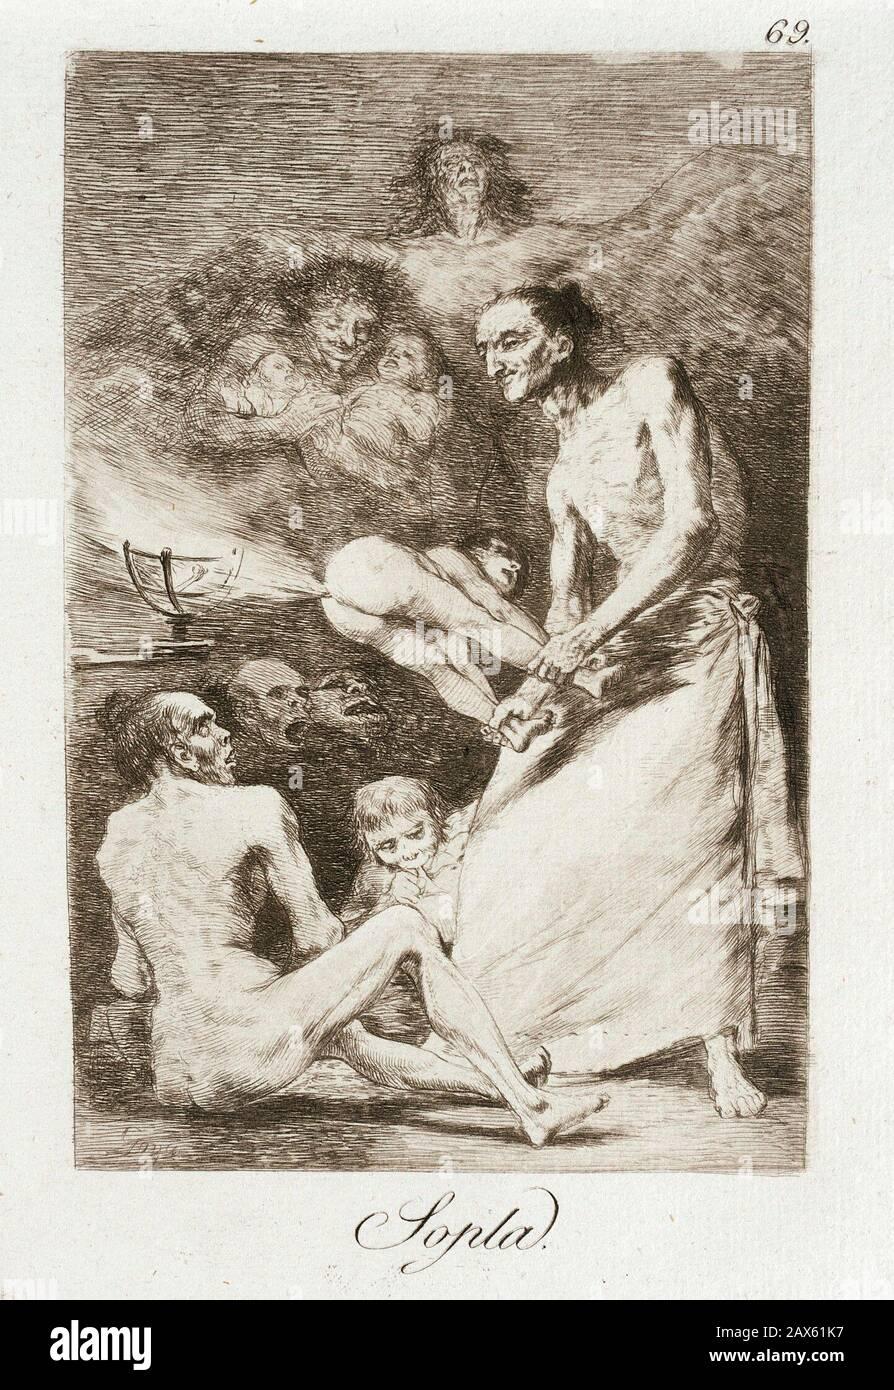 'Blow; Anglais: Espagne, 1799 TITRE ALTERNATIF: Sopla Los Caprichos Portefeuille: plaque: 69 gravures, estampes; gravure aquatinte, pointe sèche et burin plaque: 8 1/4 x 5 15/16 in. (20.96 x 15.08 cm); Matt 19 x 14 in. (48.26 x 35.56cm) Paul Rodman Mabury Trust Fund (63.11.69) Estampes et dessins; 1799QS date:P571,+1799-00-00T00:00:00Z/9; ' Banque D'Images